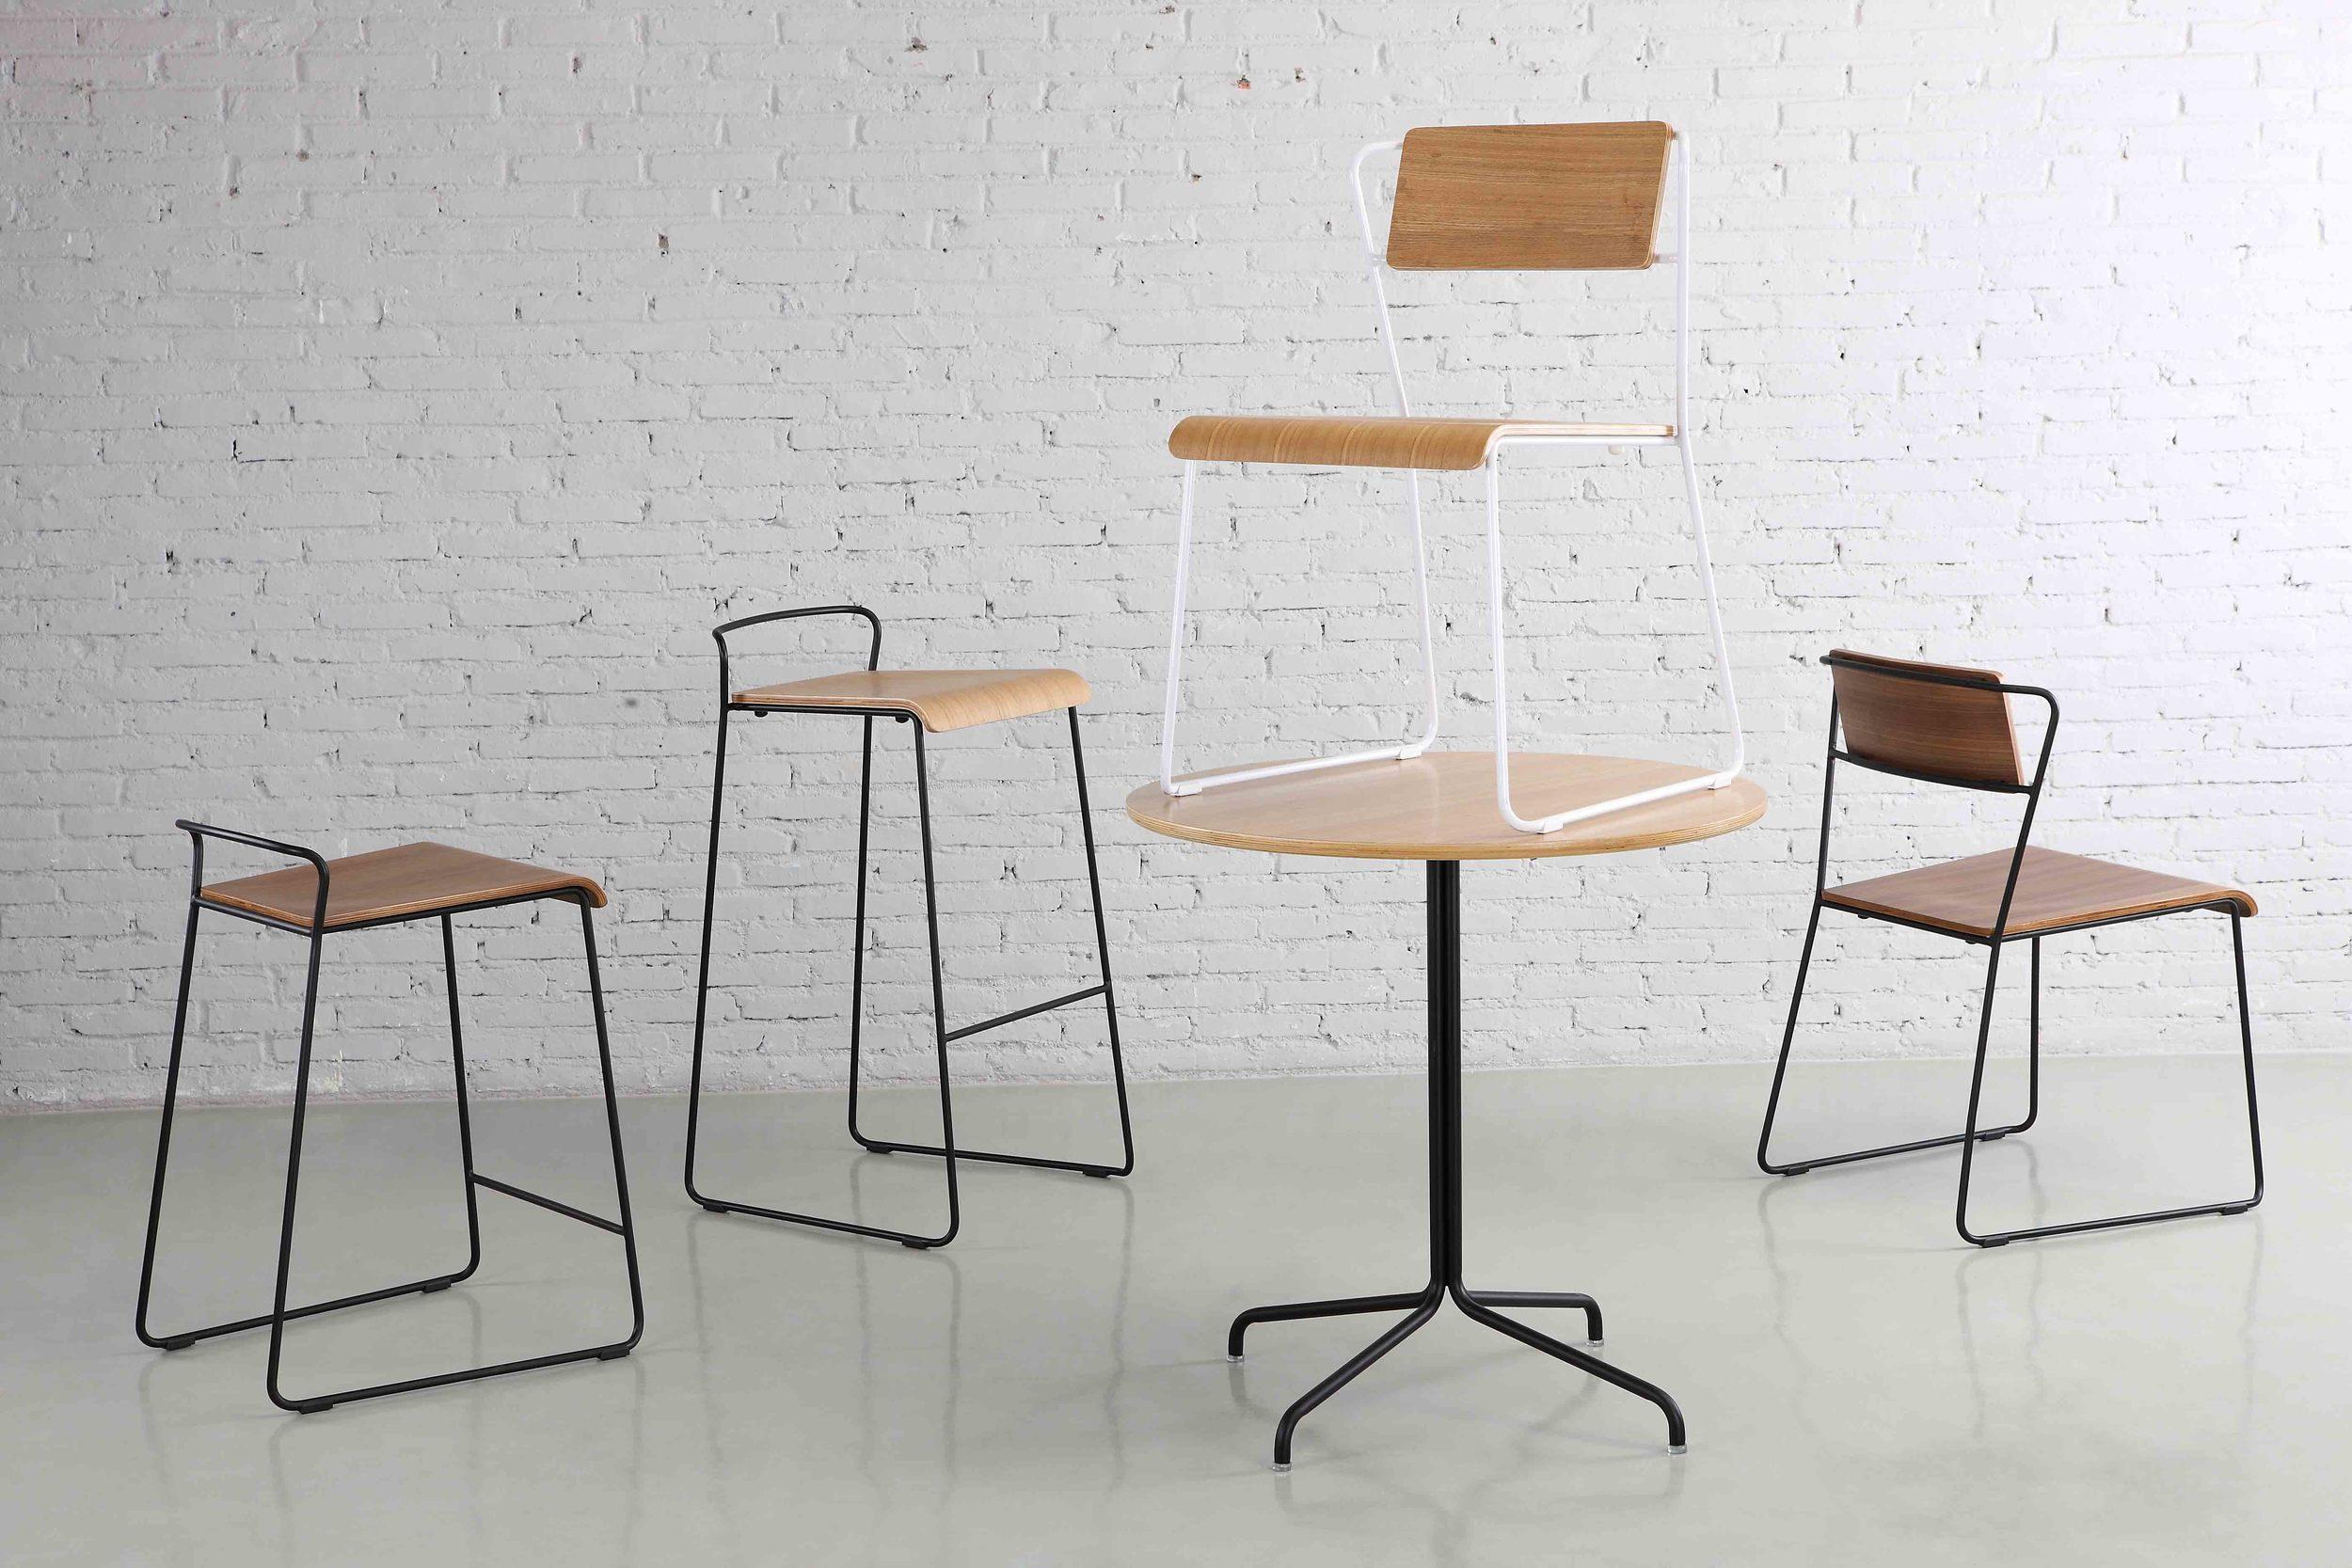 m.a.d. Furniture Design